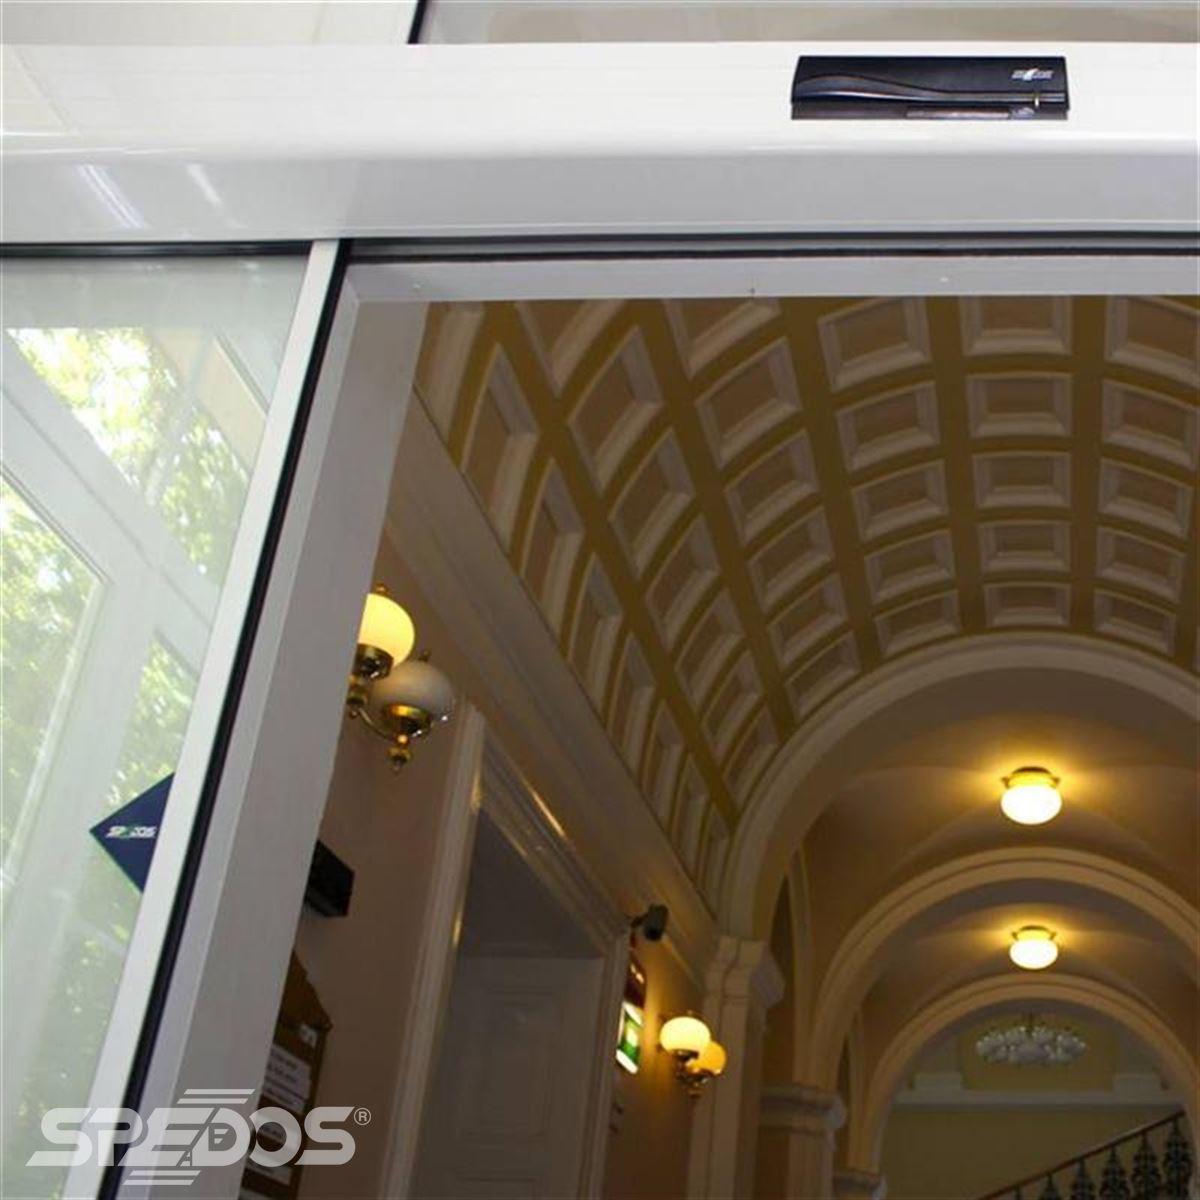 Posuvné dveře s dvěma křídly a plnou automizací